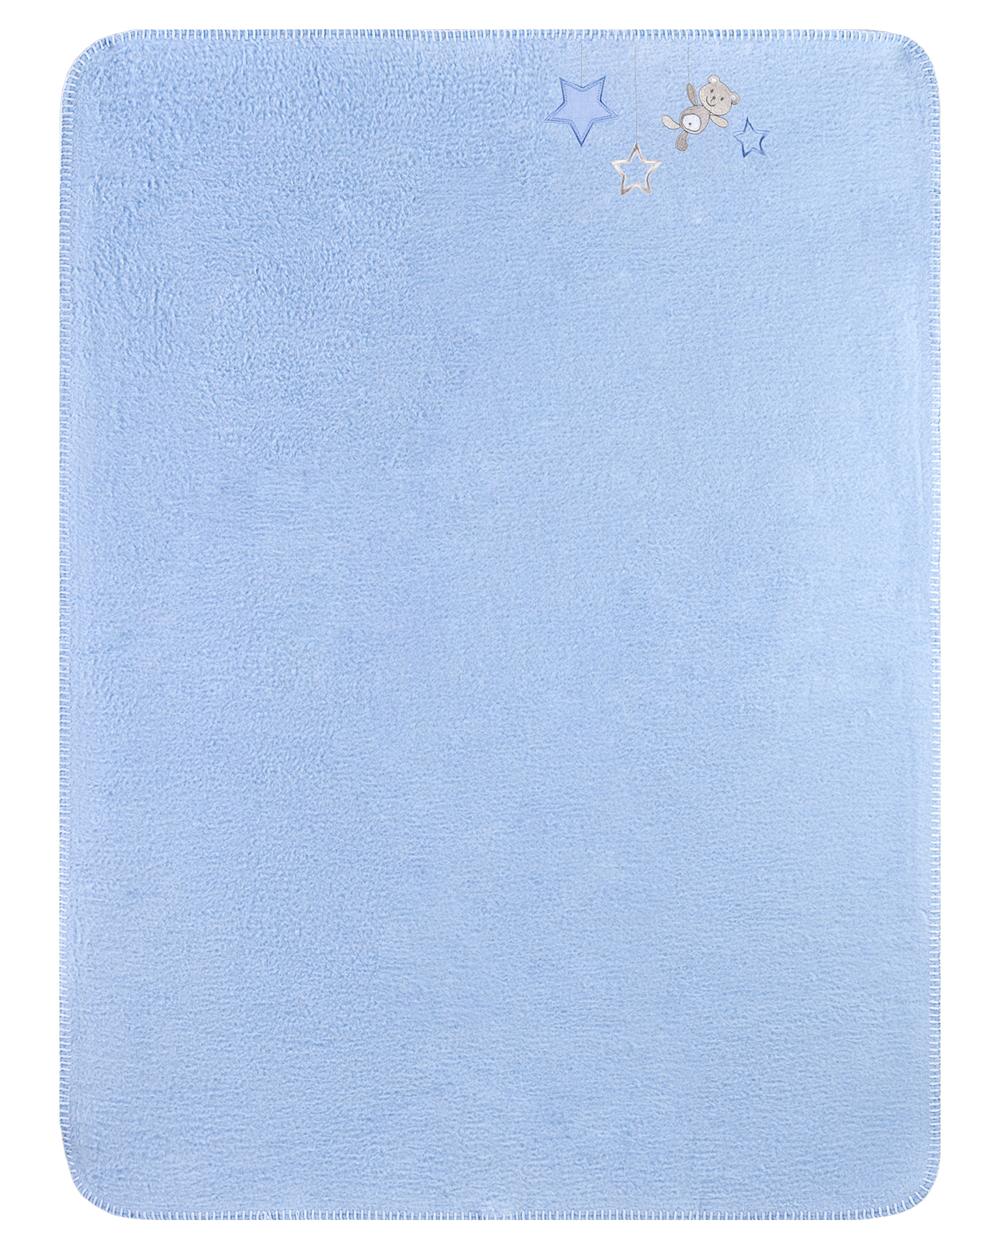 Zöllner Decke Sternchen blau 75x100cm